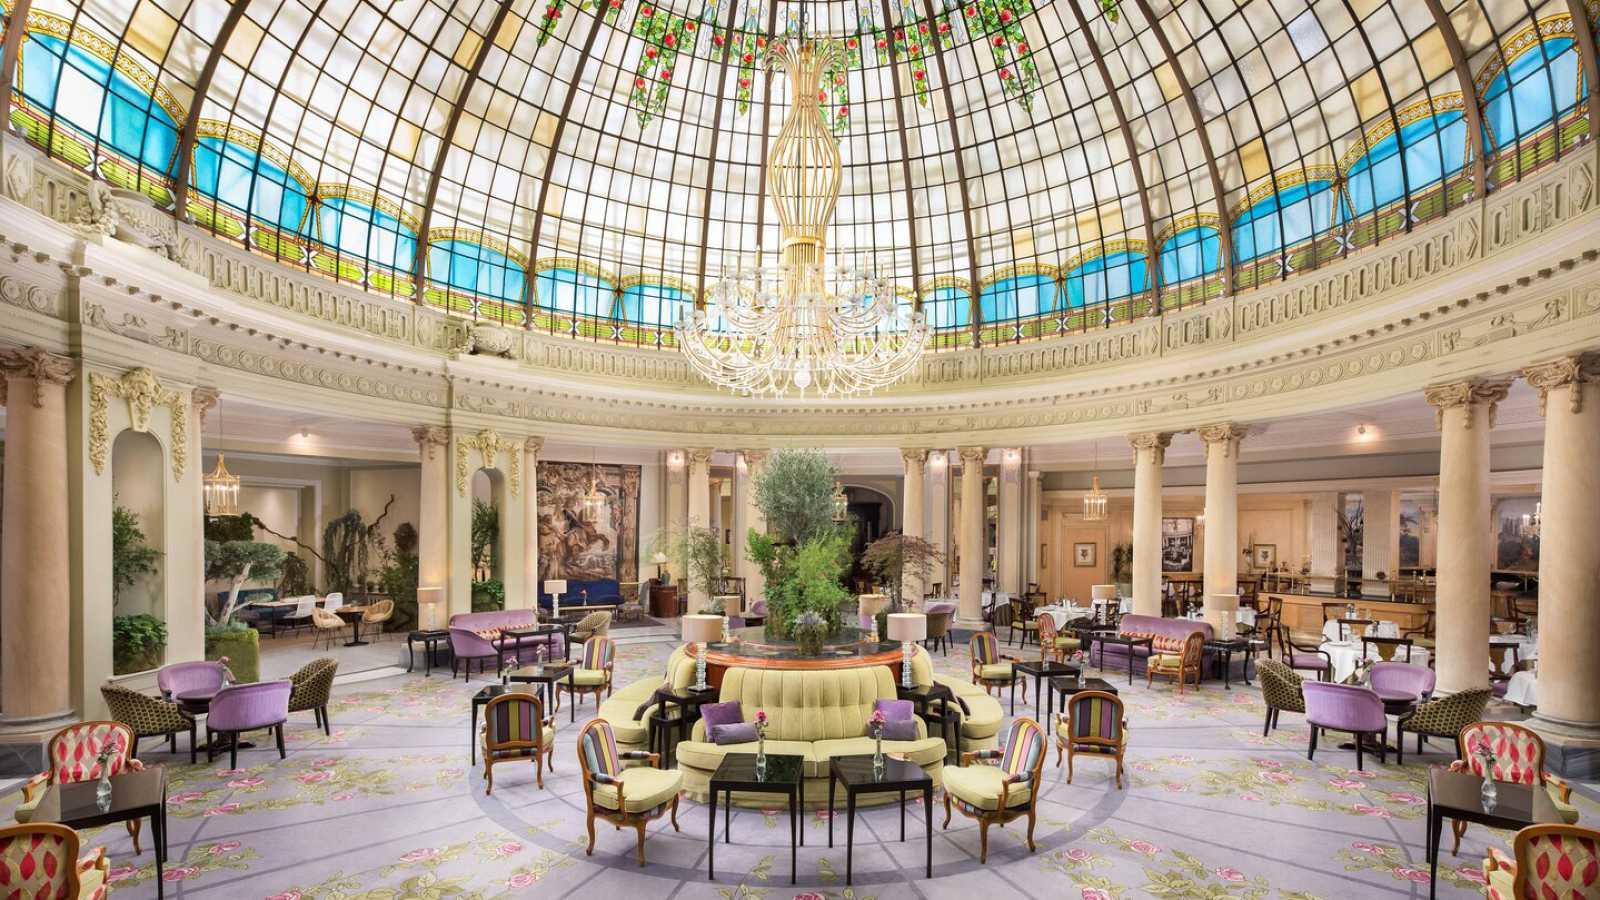 En clave Turismo - Navidades seguras en el Palace - 18/12/20 - escuchar ahora